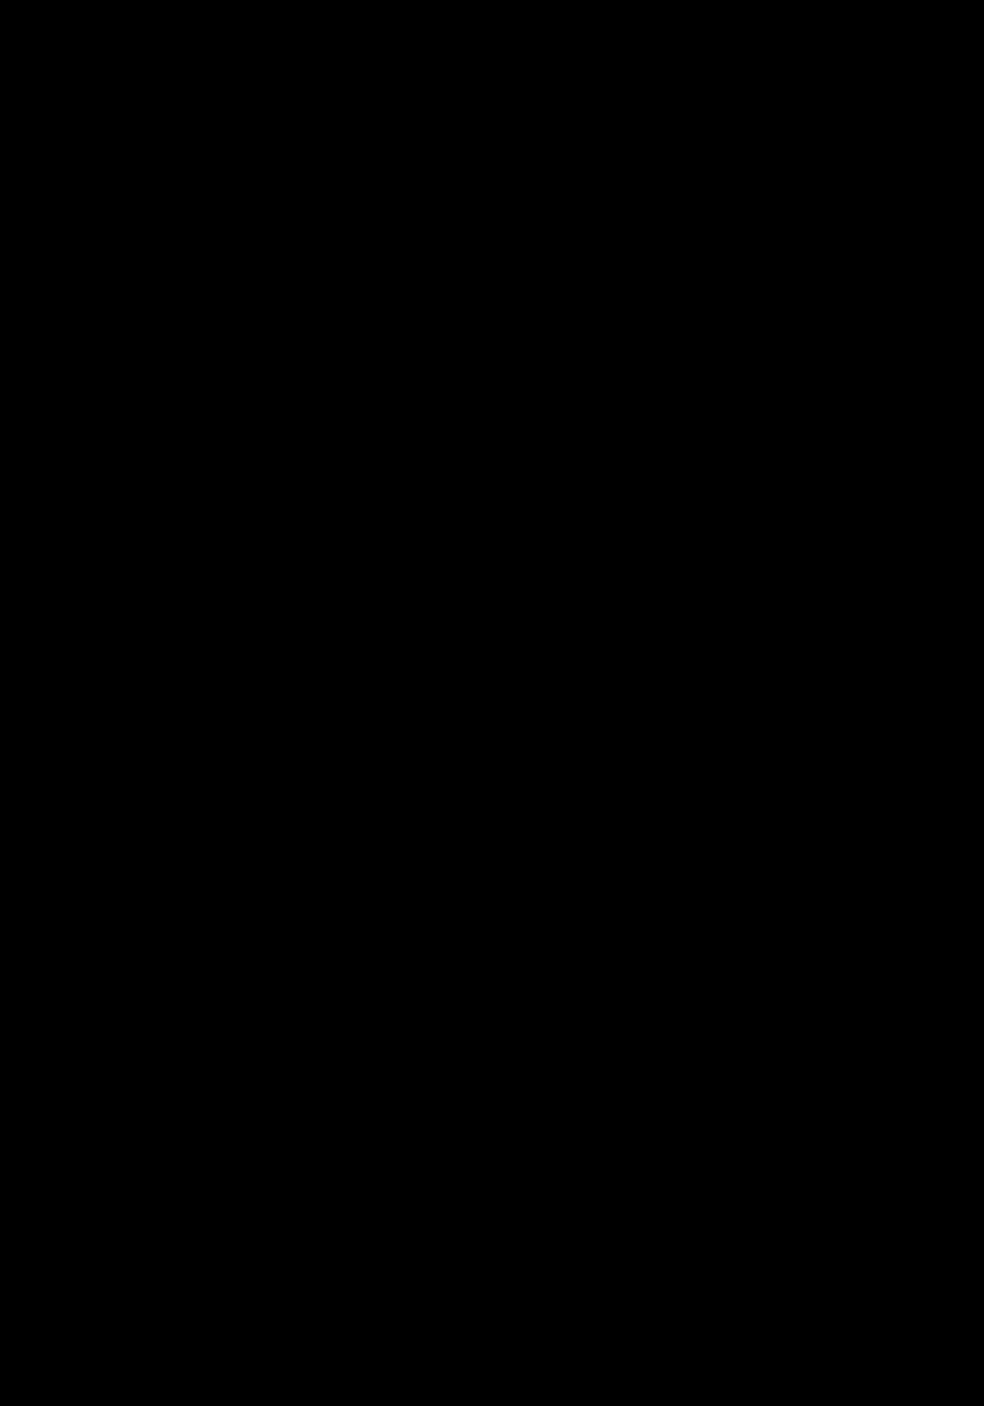 艶 L 大かな LTU-KL 縦組見本